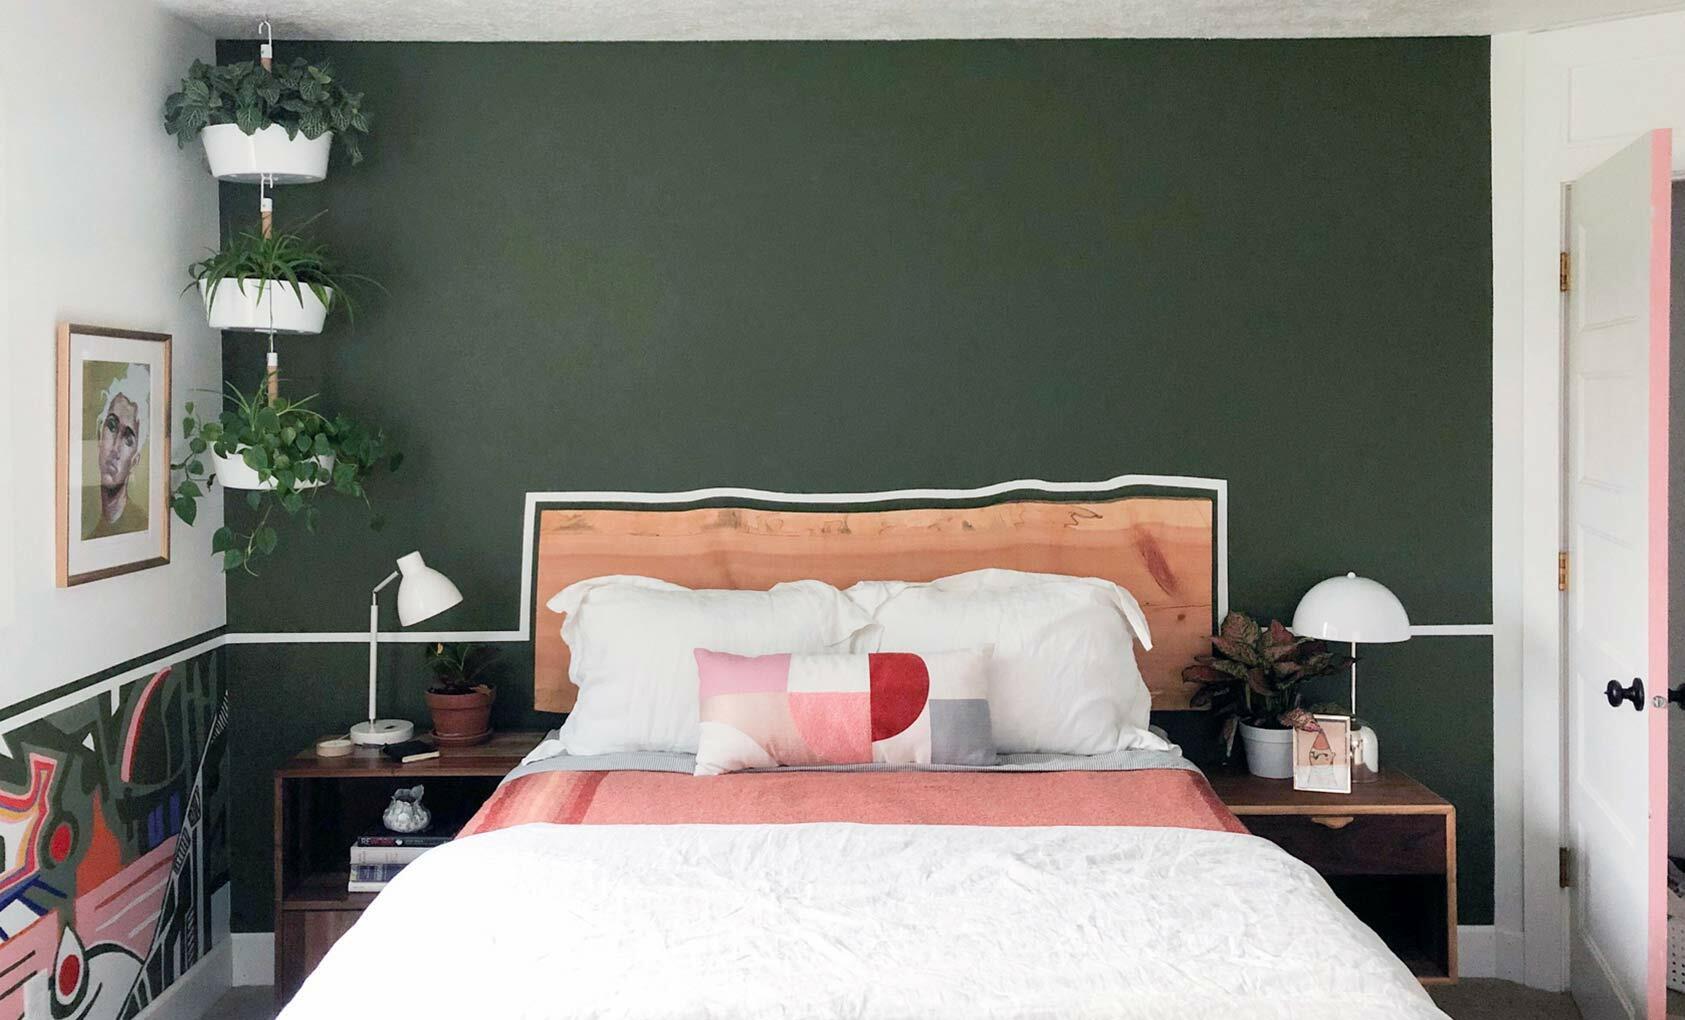 Нарисованный интерьер - спальня